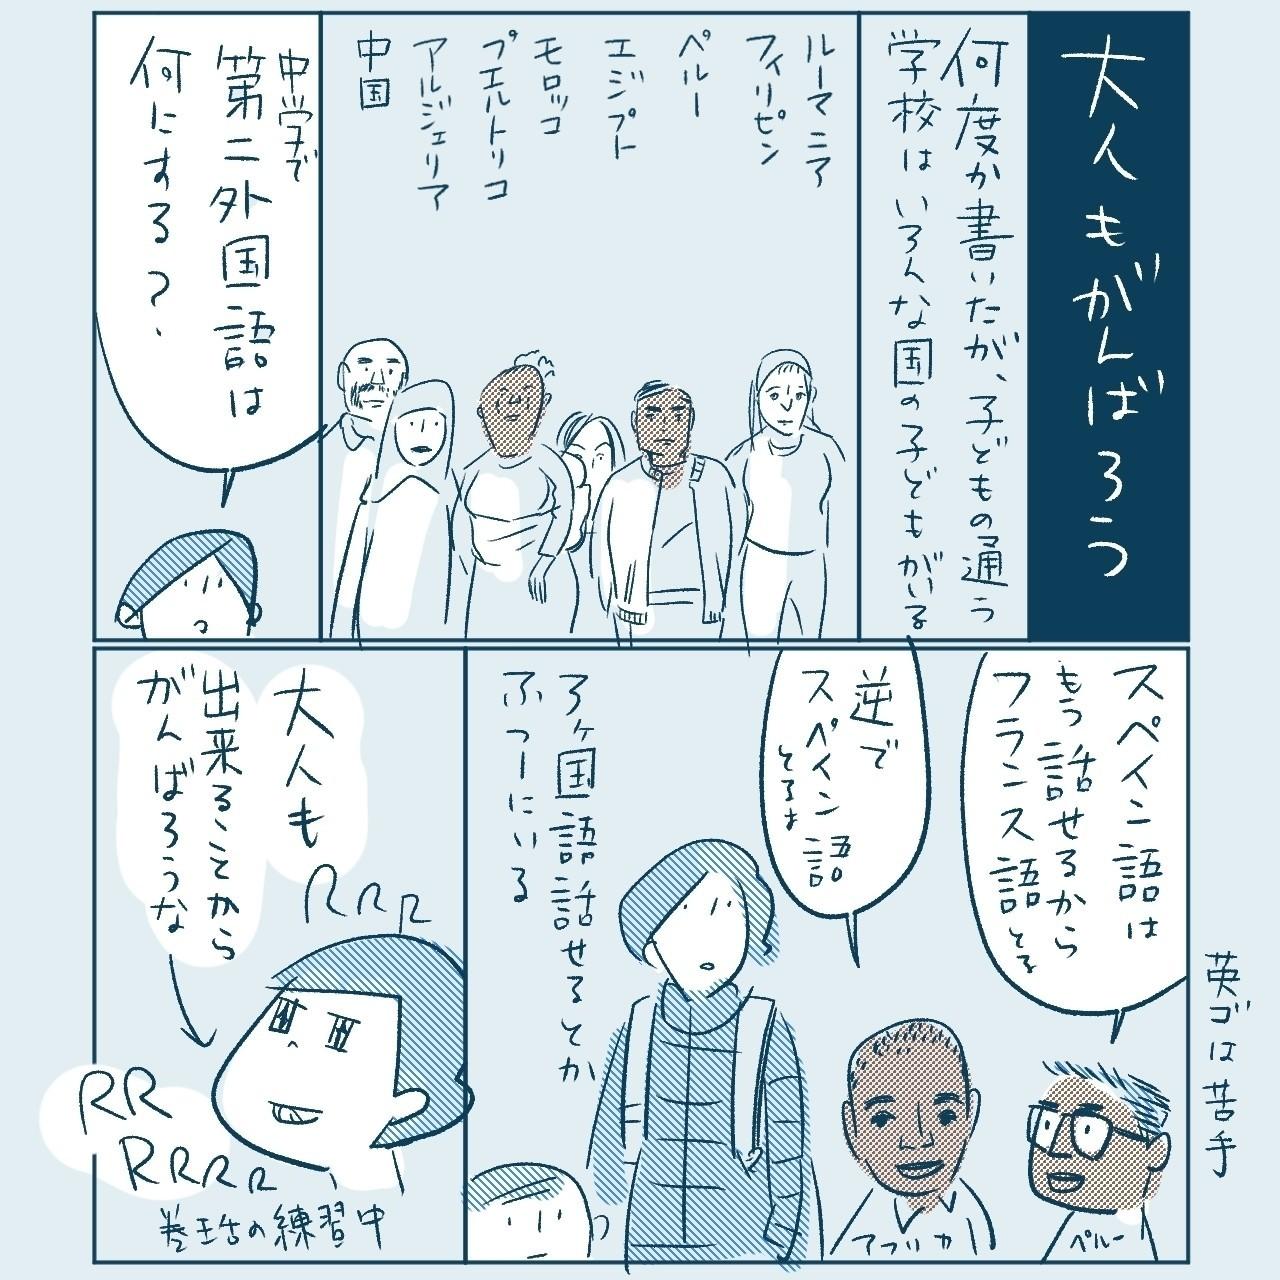 https://twitter.com/shinoburun/status/1068413912599719936